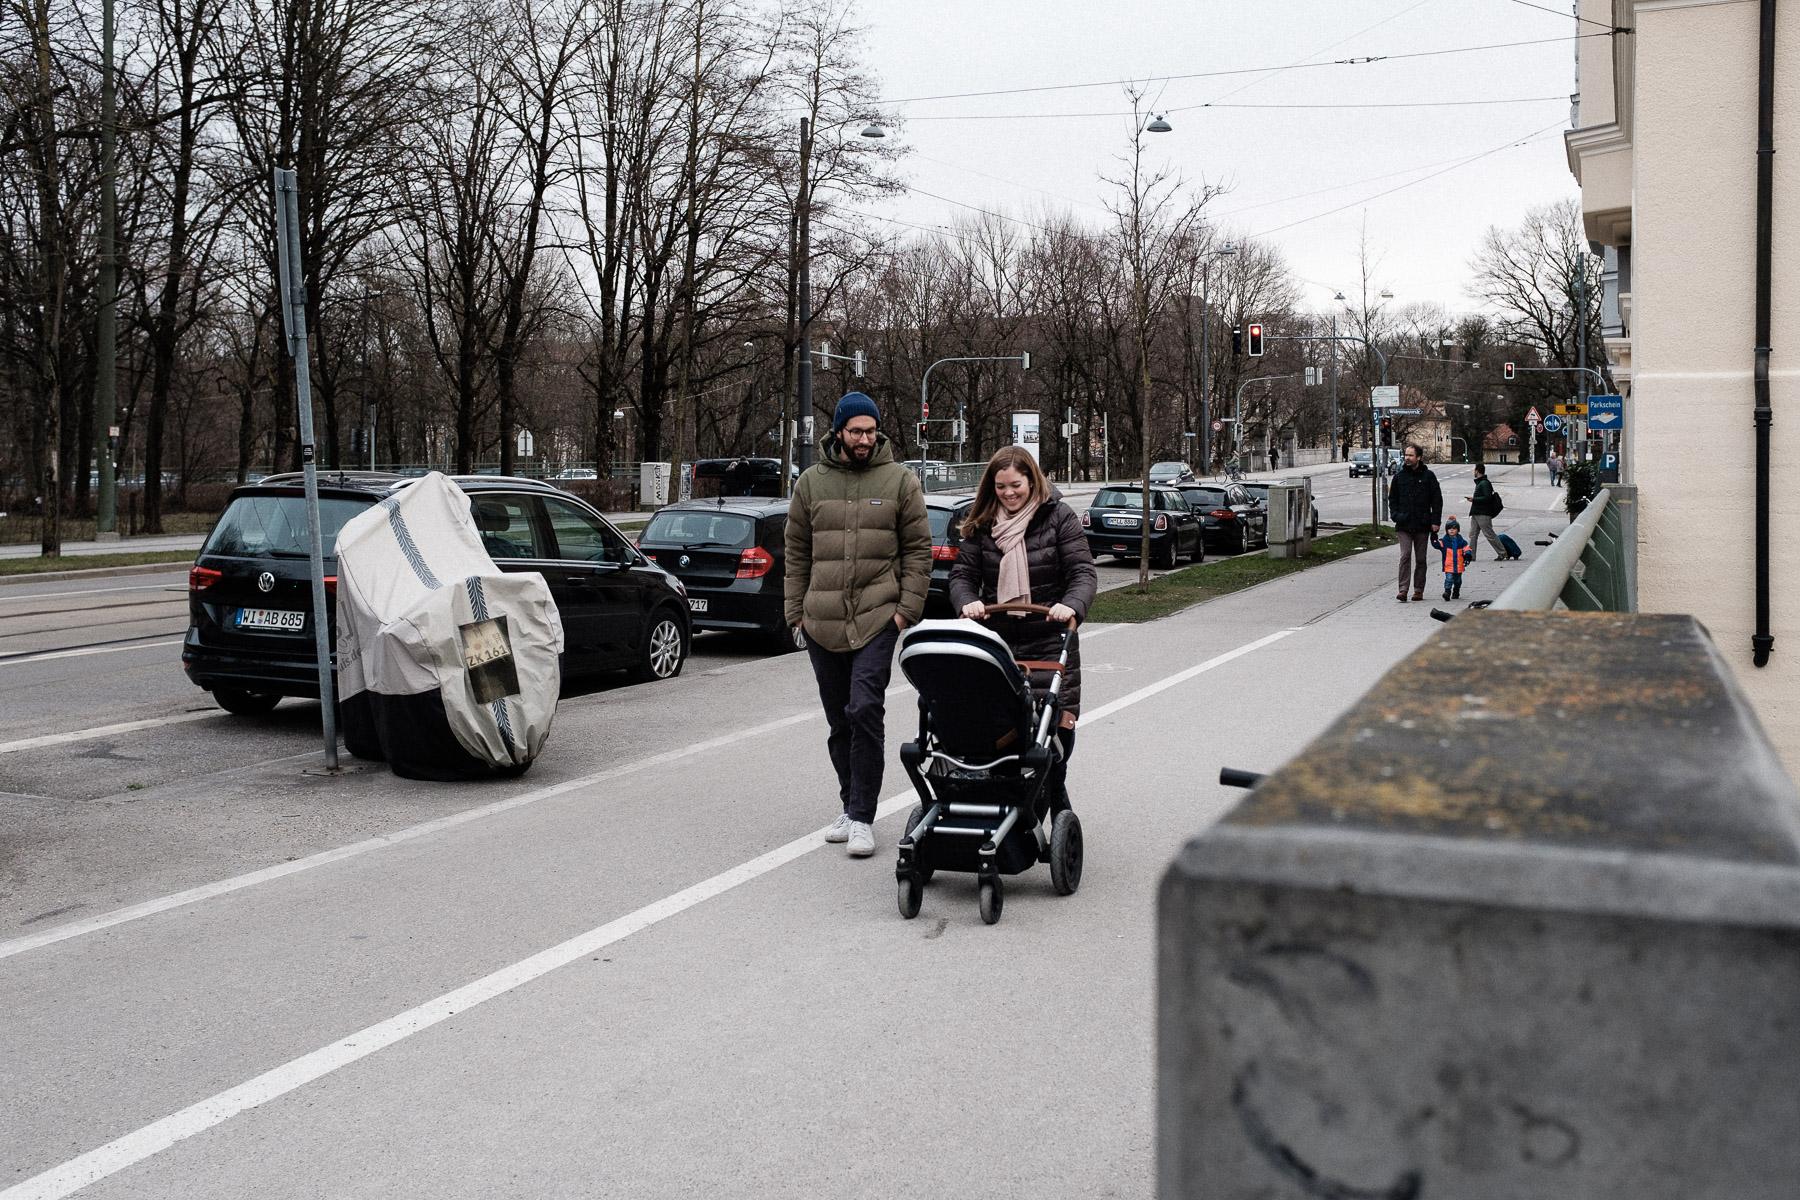 Martin_Liebl_Kein_Familienfotograf_G_Blog_17.jpg